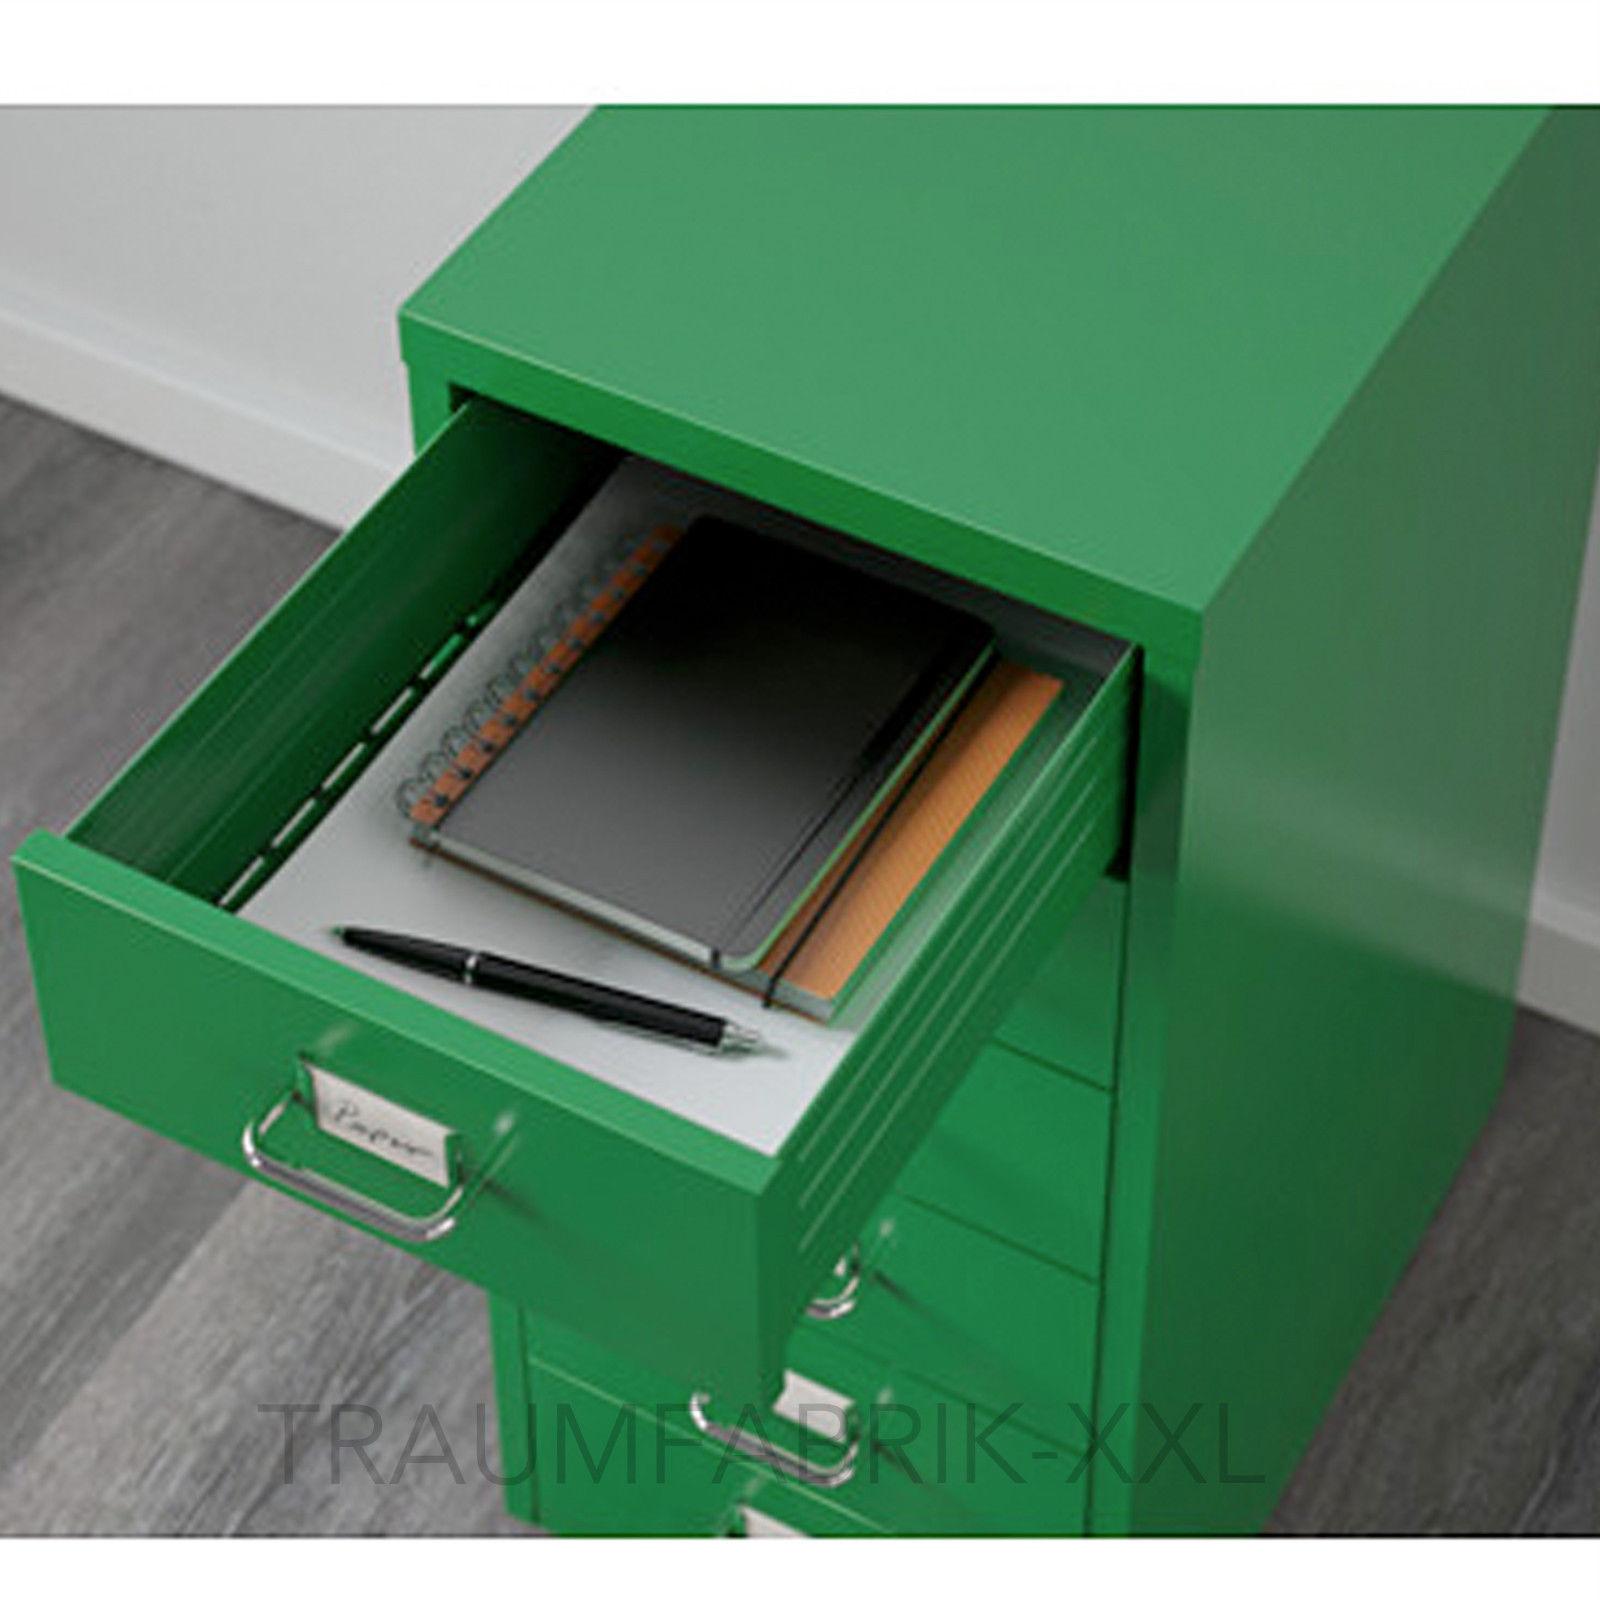 ikea helmer schubladenelement mit rollen büroschrank grün